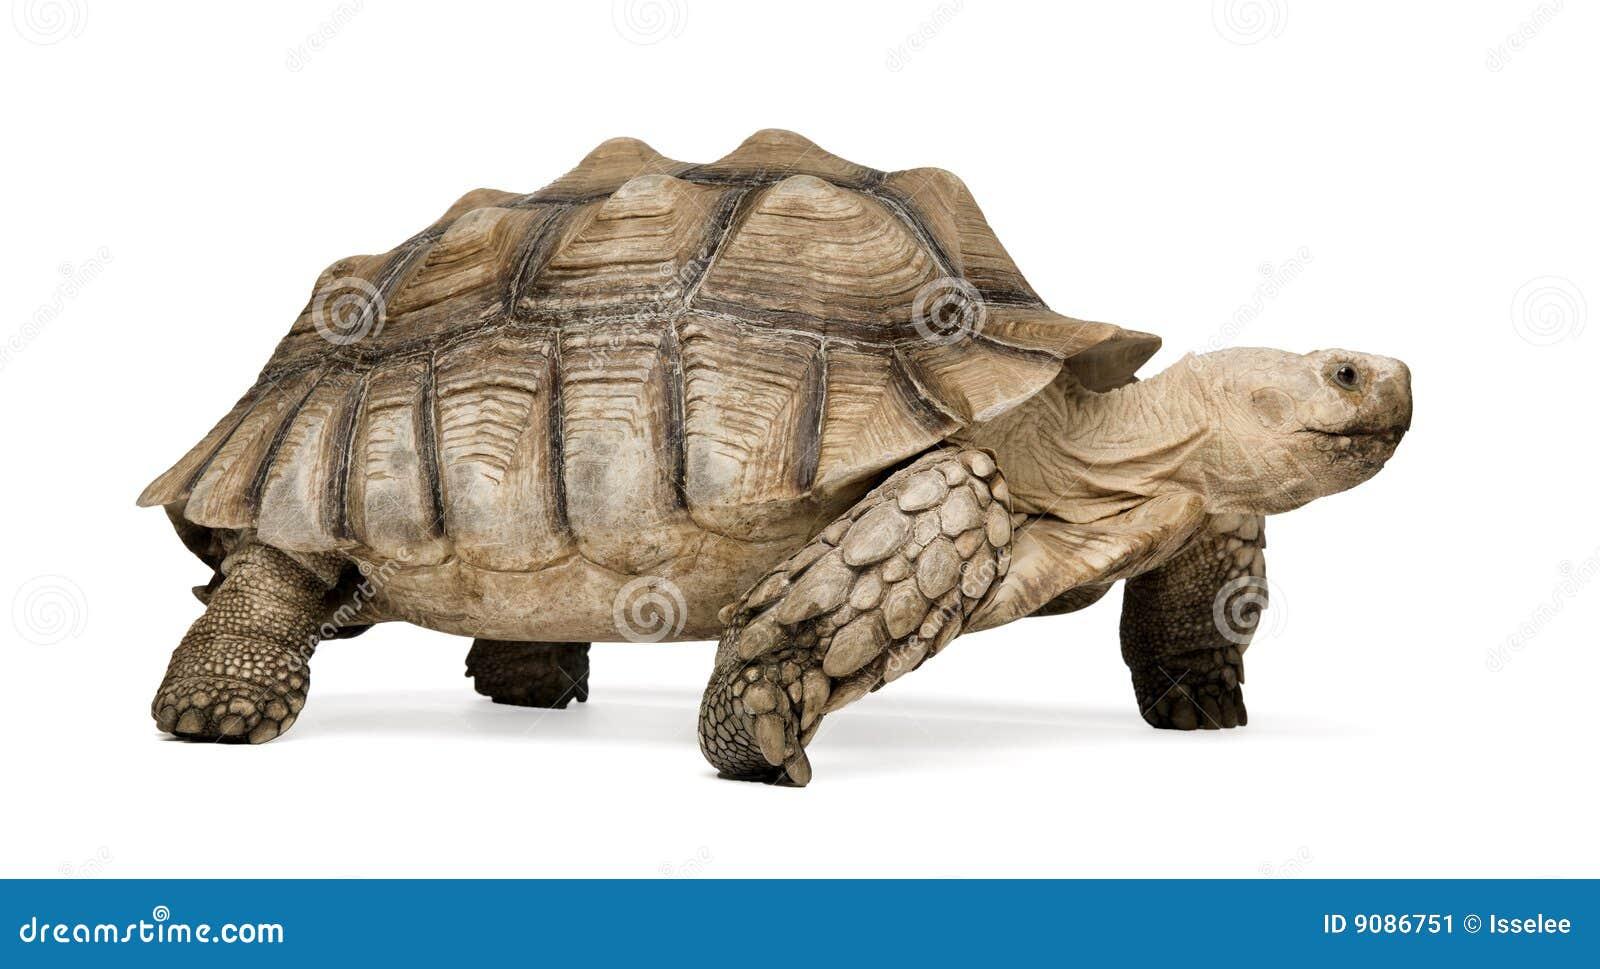 Afrikanische angetriebene Schildkröte - Geochelone sulcata